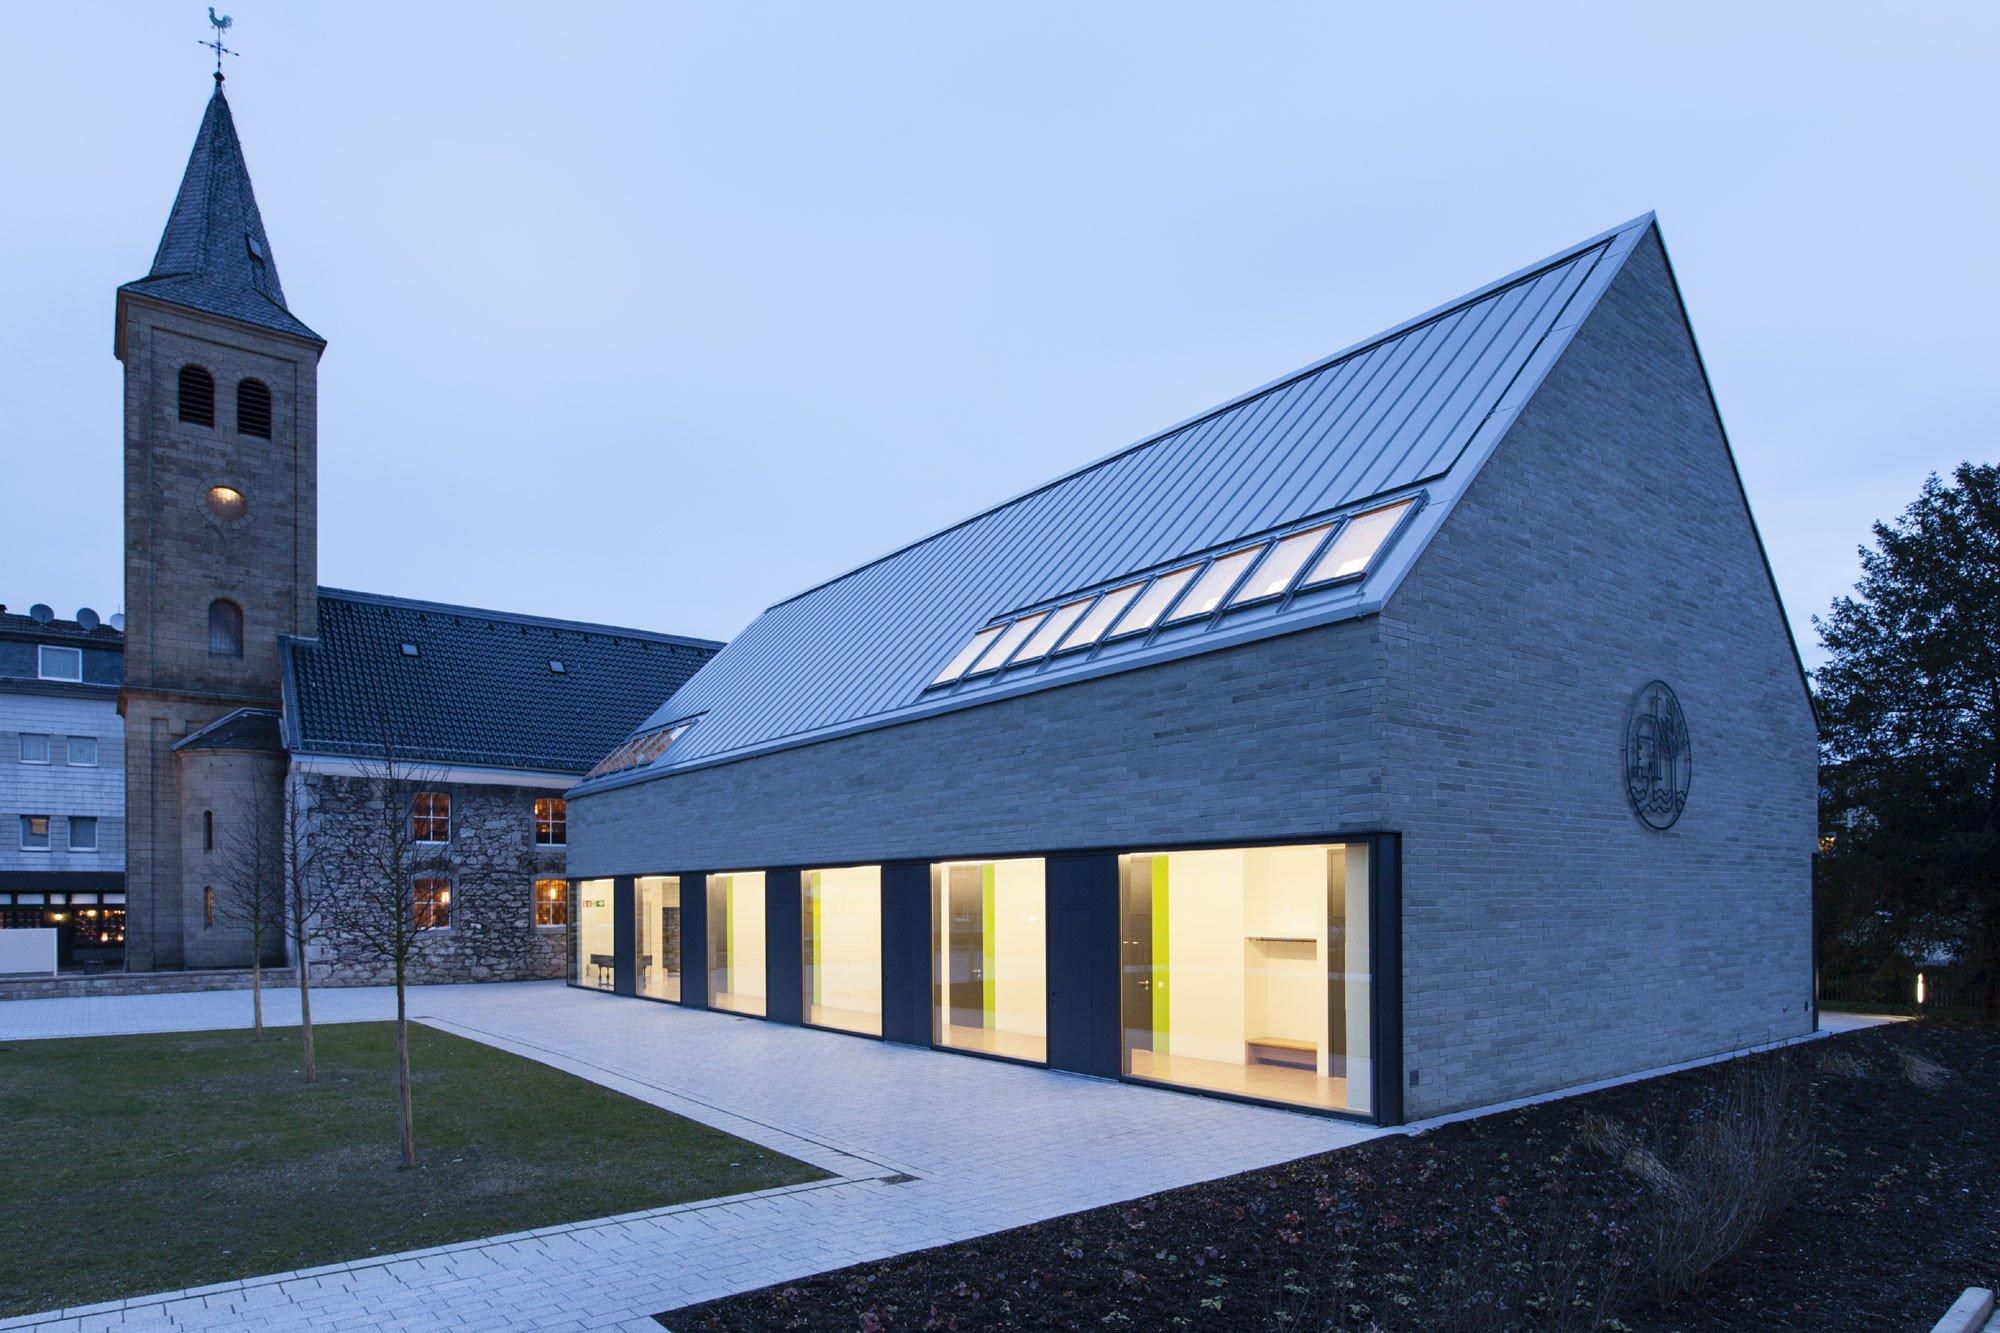 gemeindezentrum in heiligenhaus heizung kultur bildung baunetz wissen. Black Bedroom Furniture Sets. Home Design Ideas